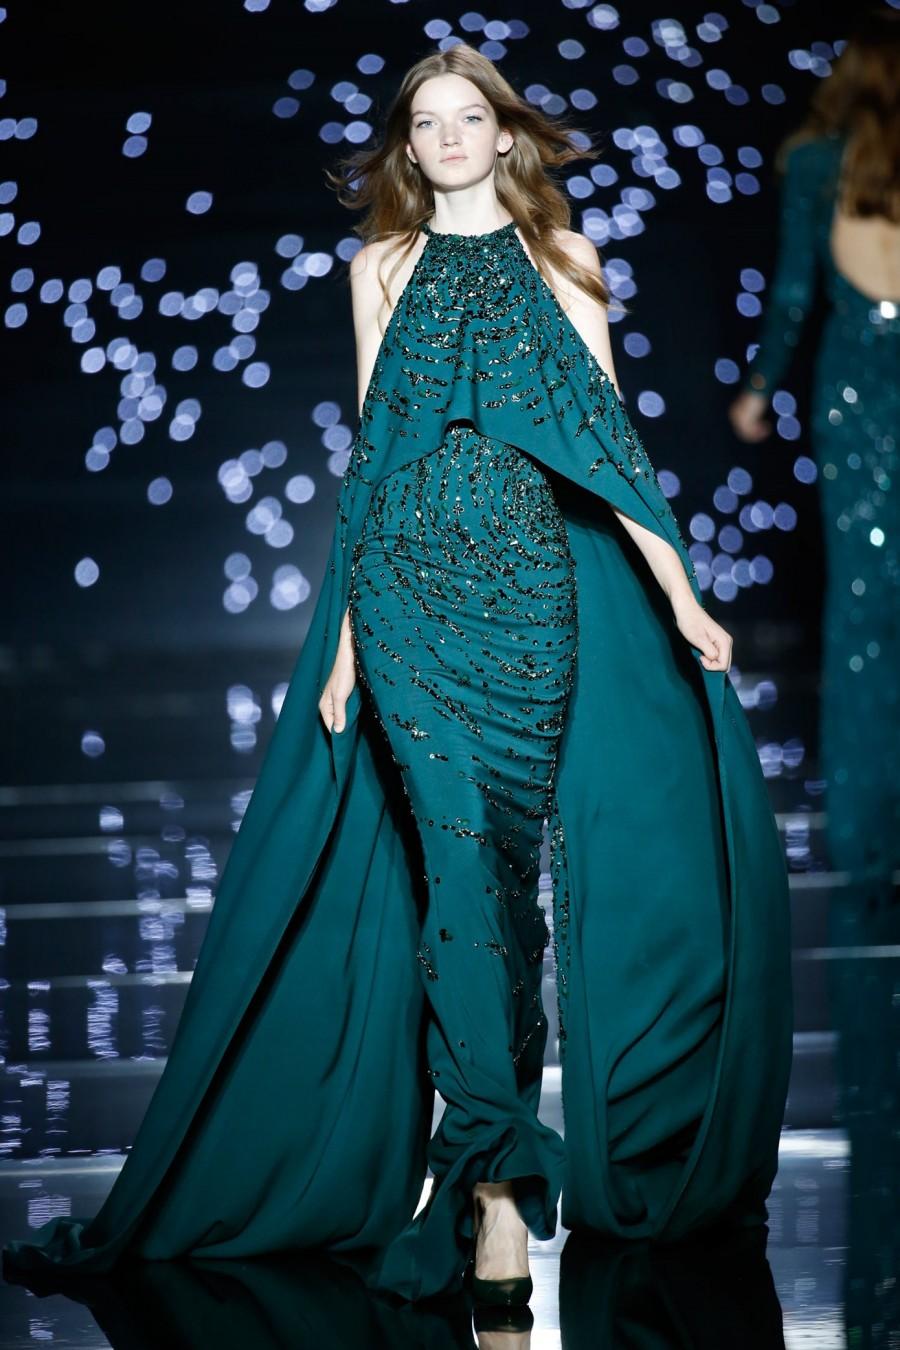 zuhairmurad-couture-fw15-16_26